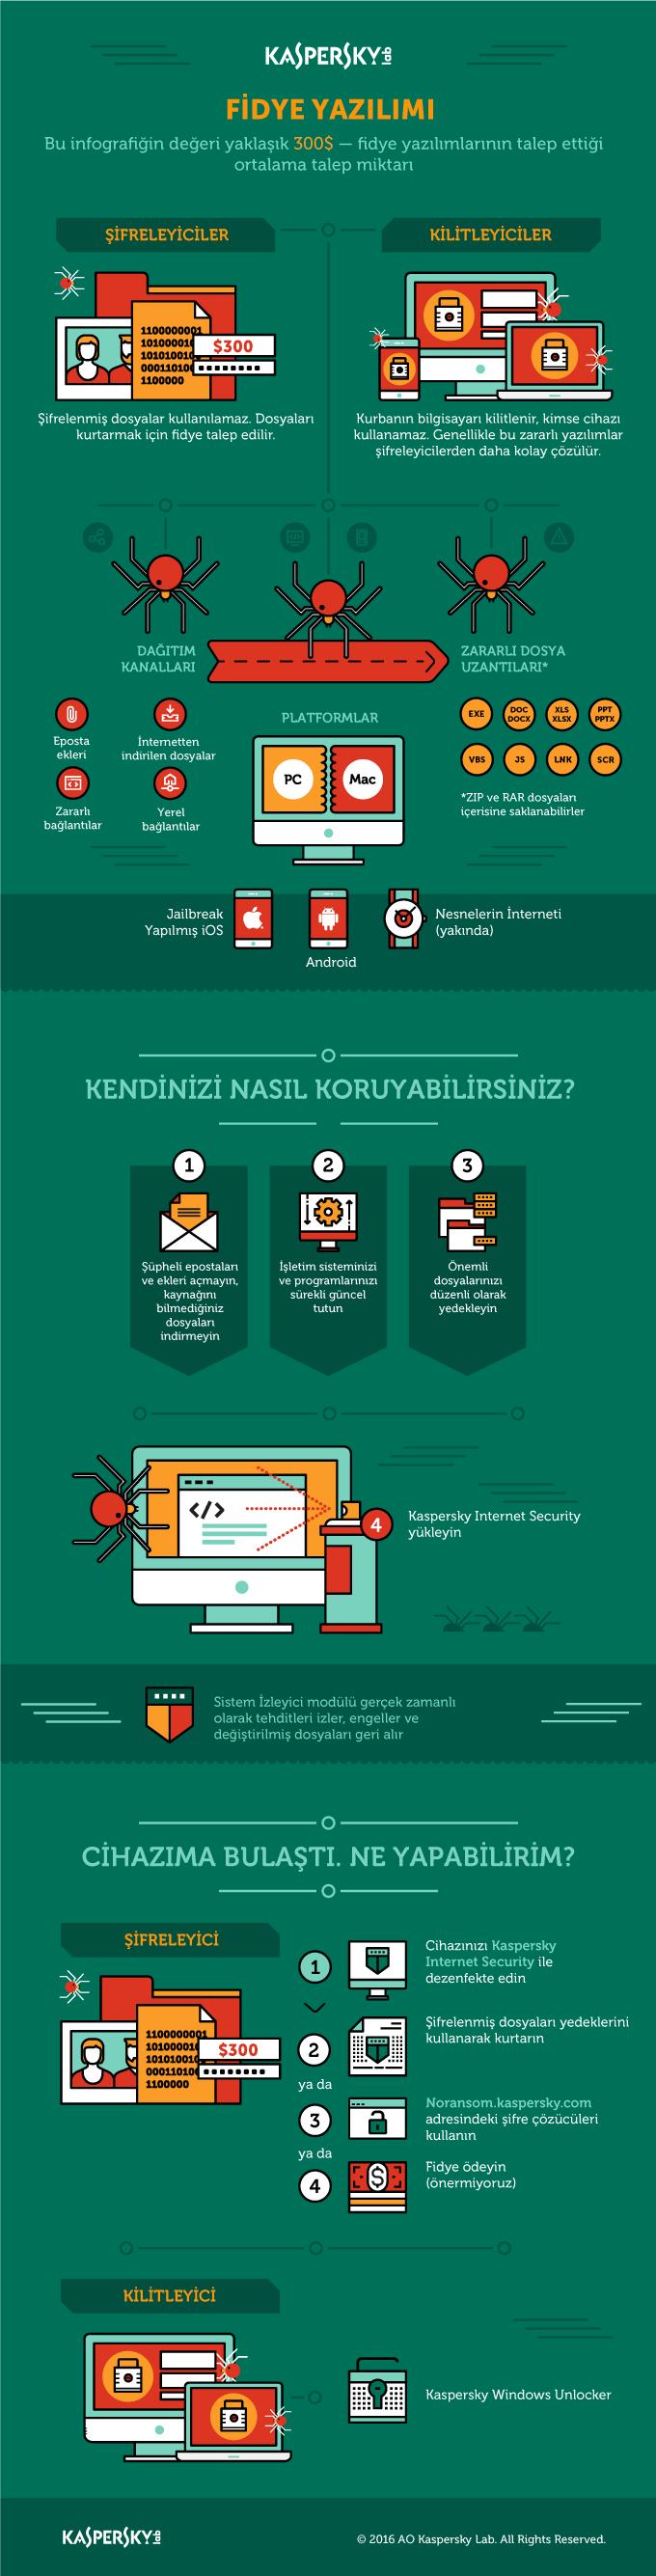 Fidye yazılımı Infographic